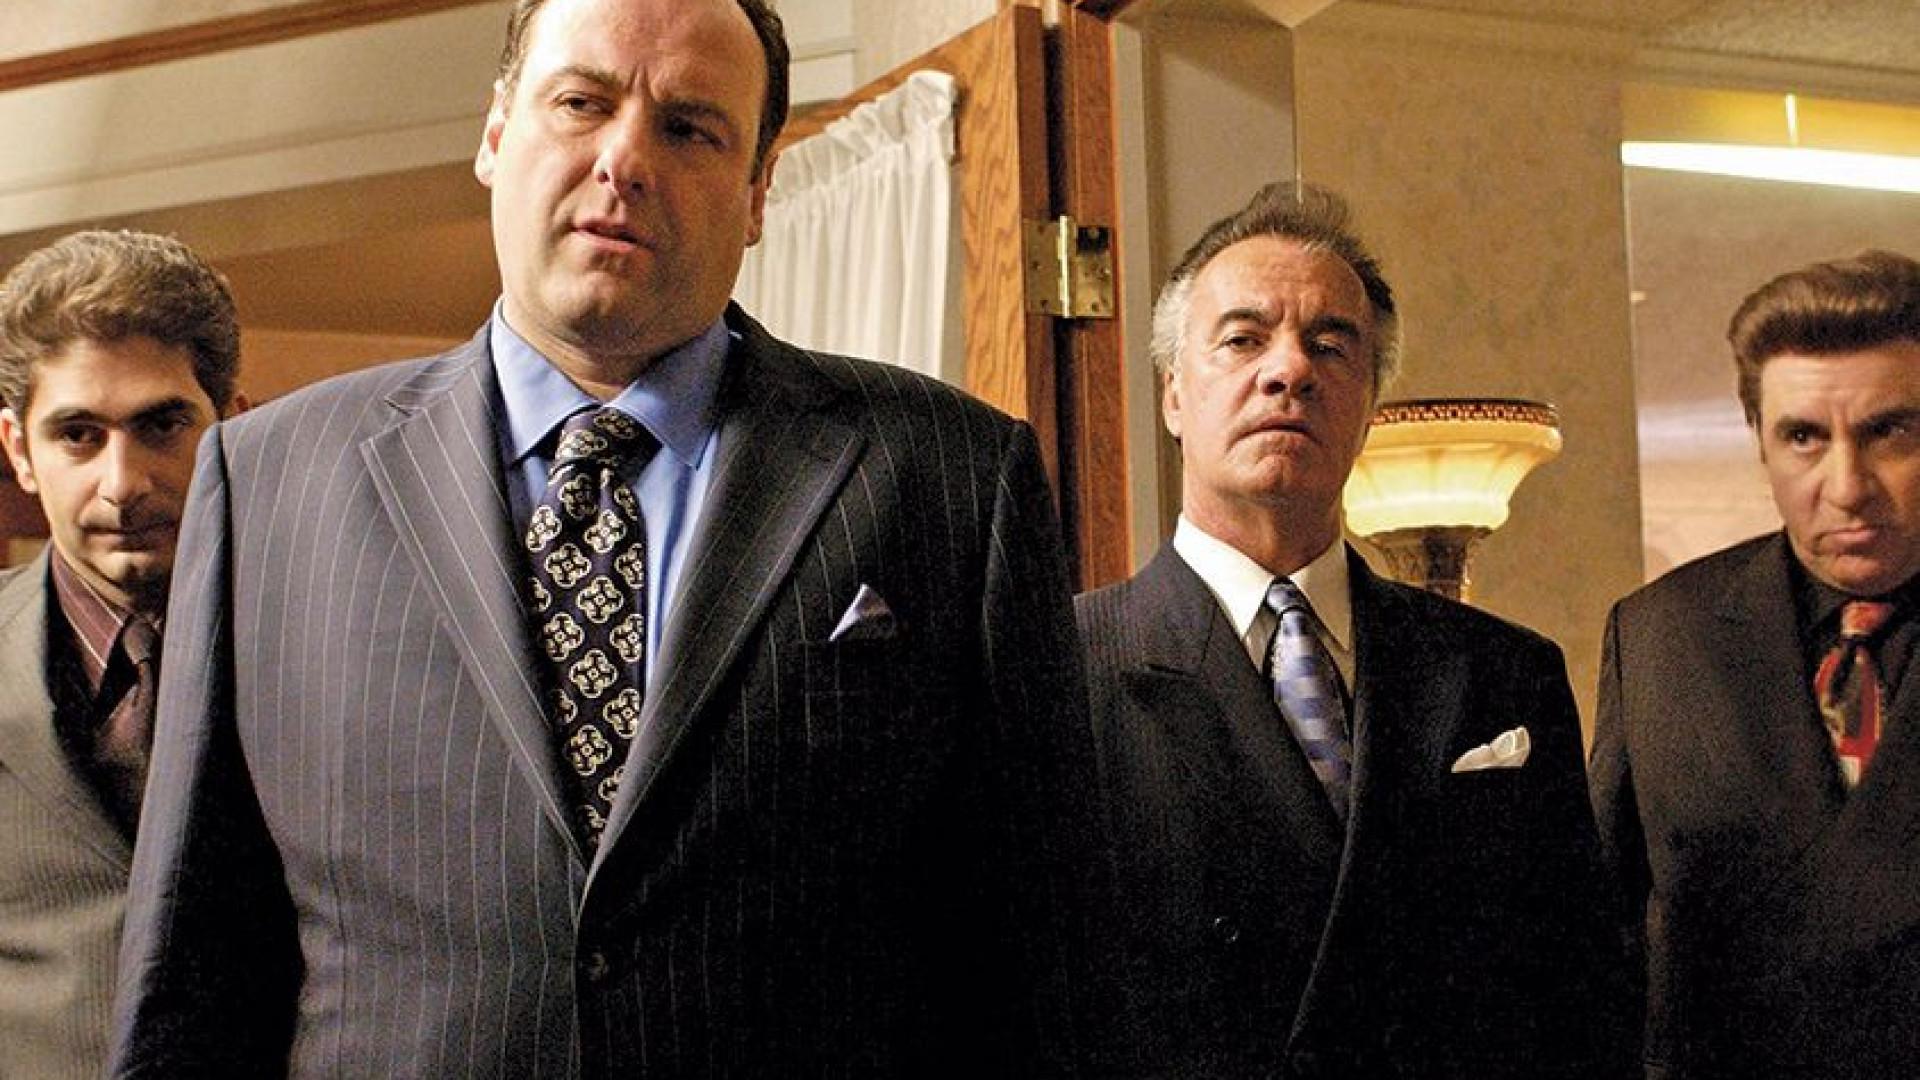 Diretor de 'Game of Thrones' fará filme baseado na série 'Os Sopranos'